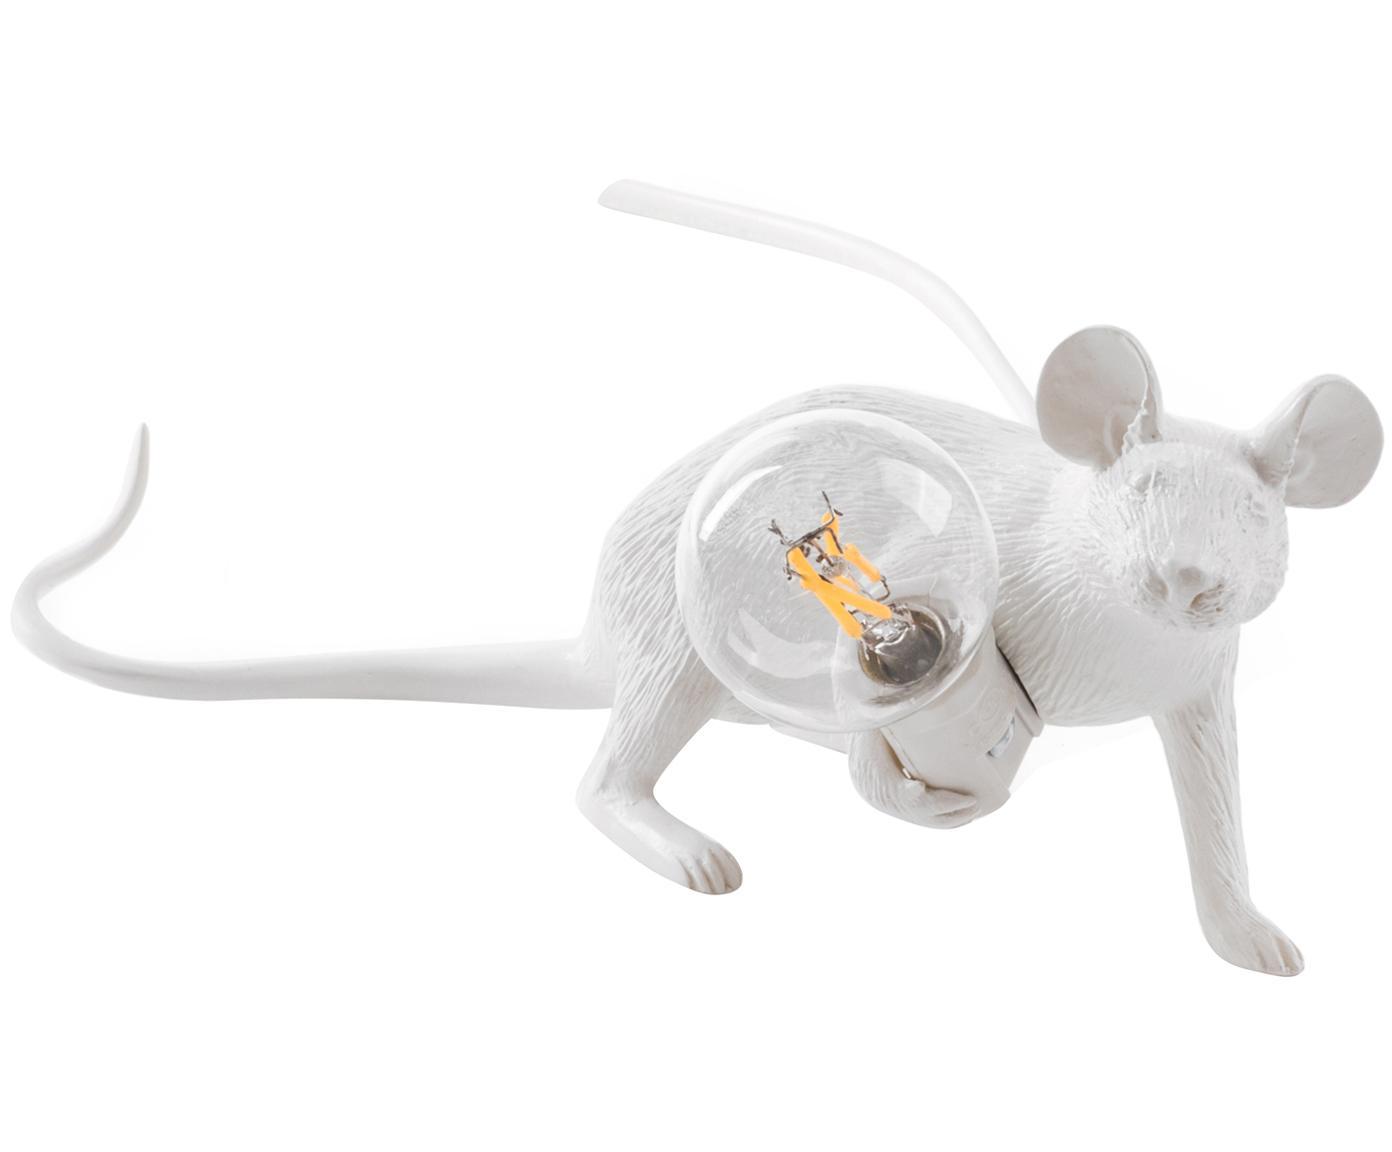 Mała lampa stołowa Mouse, Żywica syntetyczna, Biały, S 21 x W 8 cm